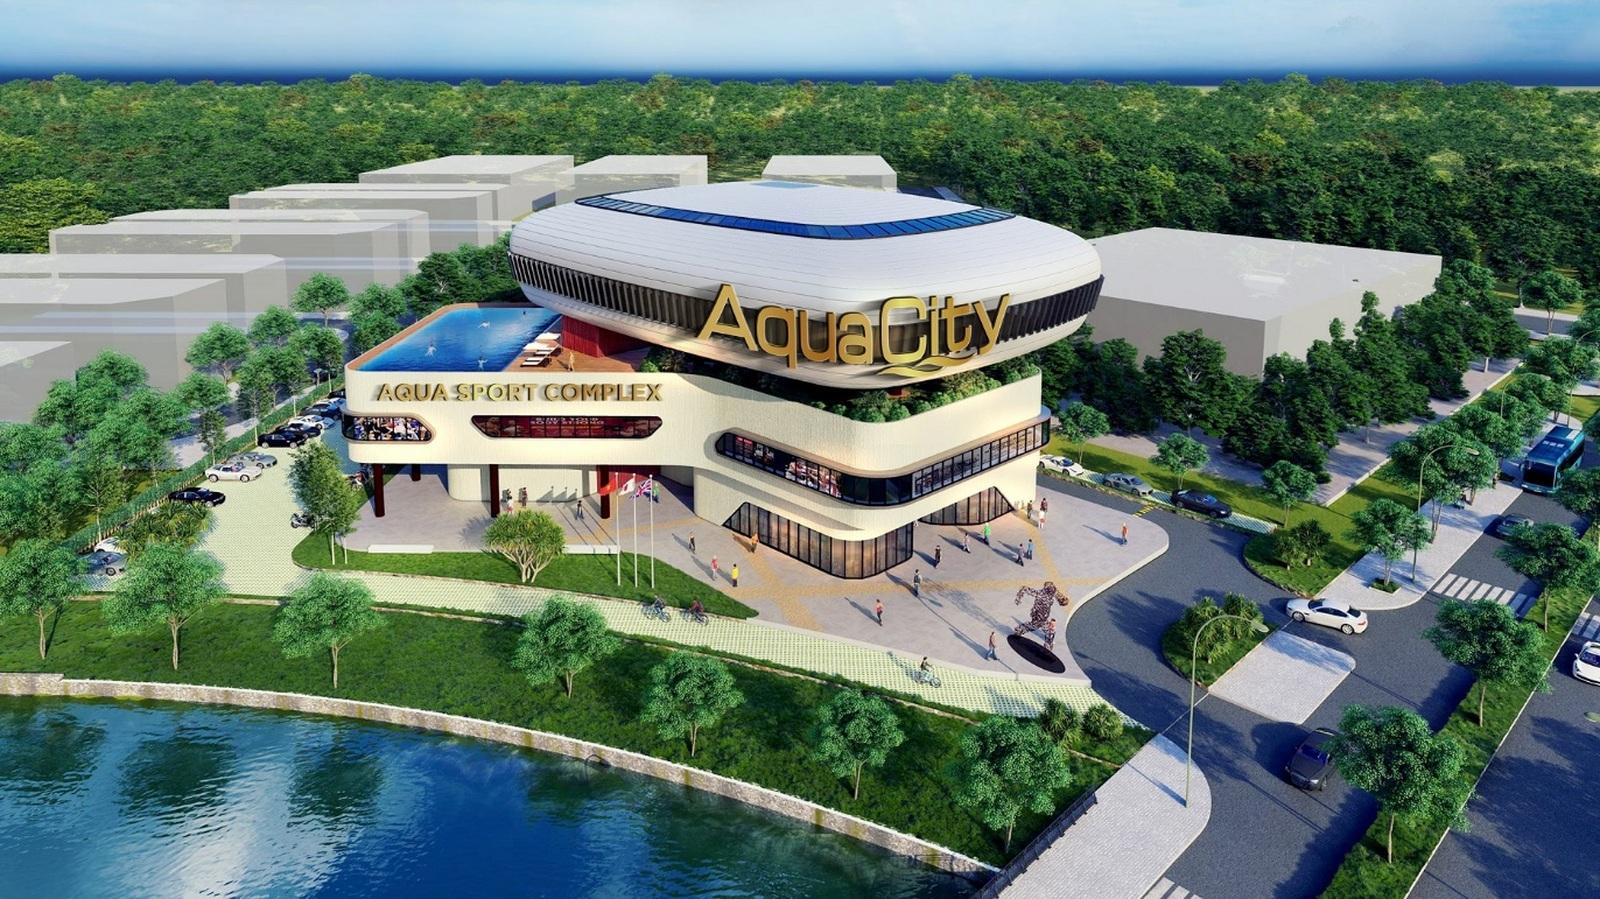 Đô thị sinh thái thông minh Aqua City: Xứng tầm đẳng cấp - Hấp dẫn đầu tư - 5